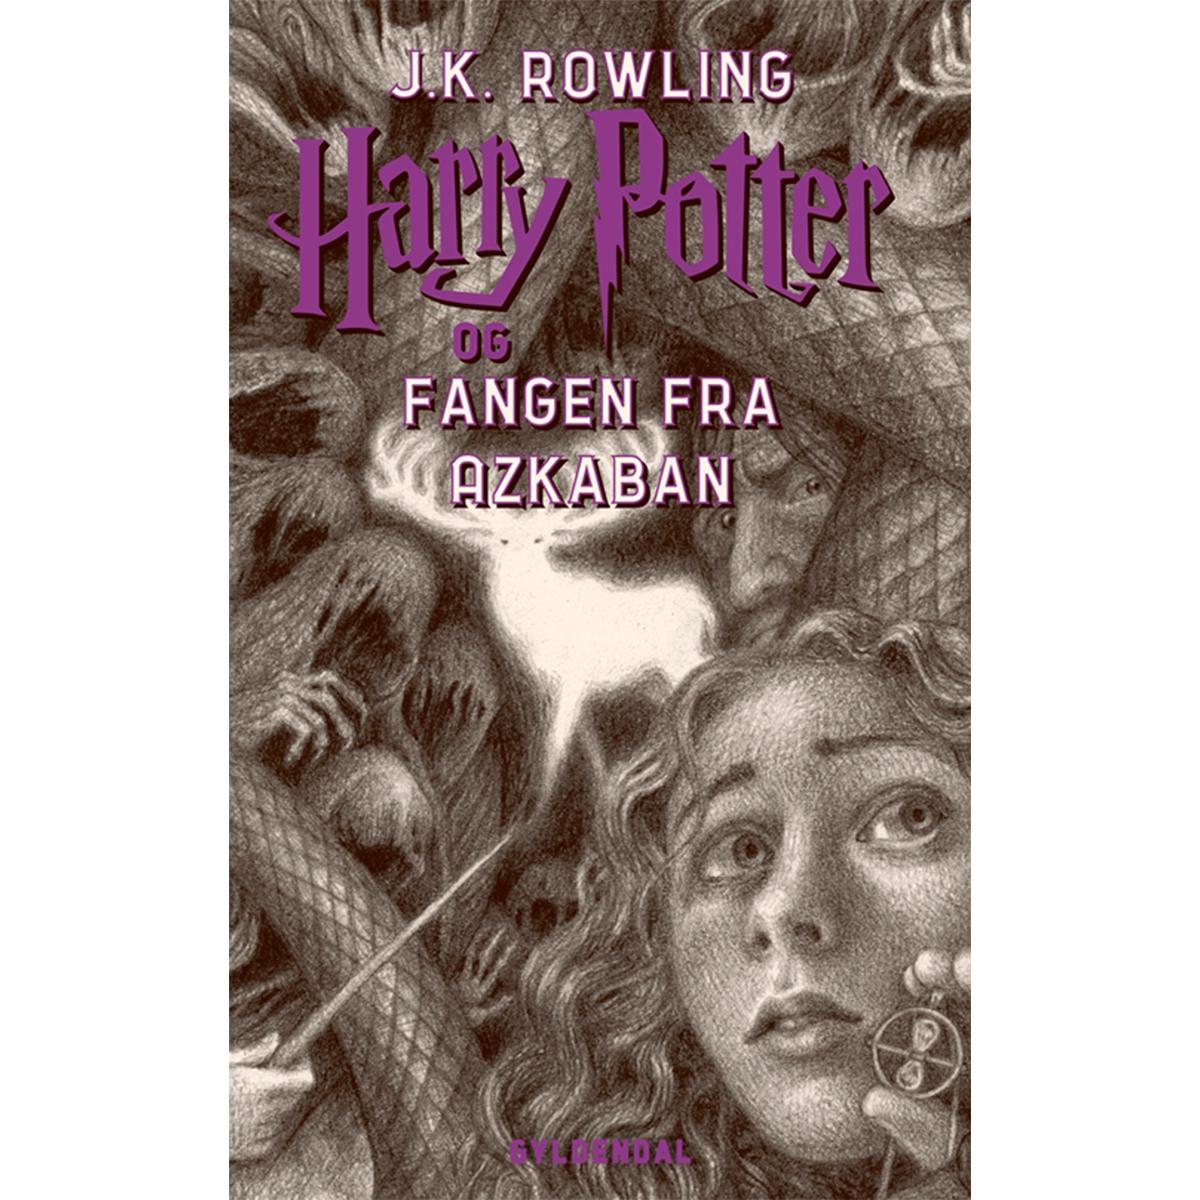 Harry Potter og fangen fra Azkaban - Harry Potter 3 - Hæftet